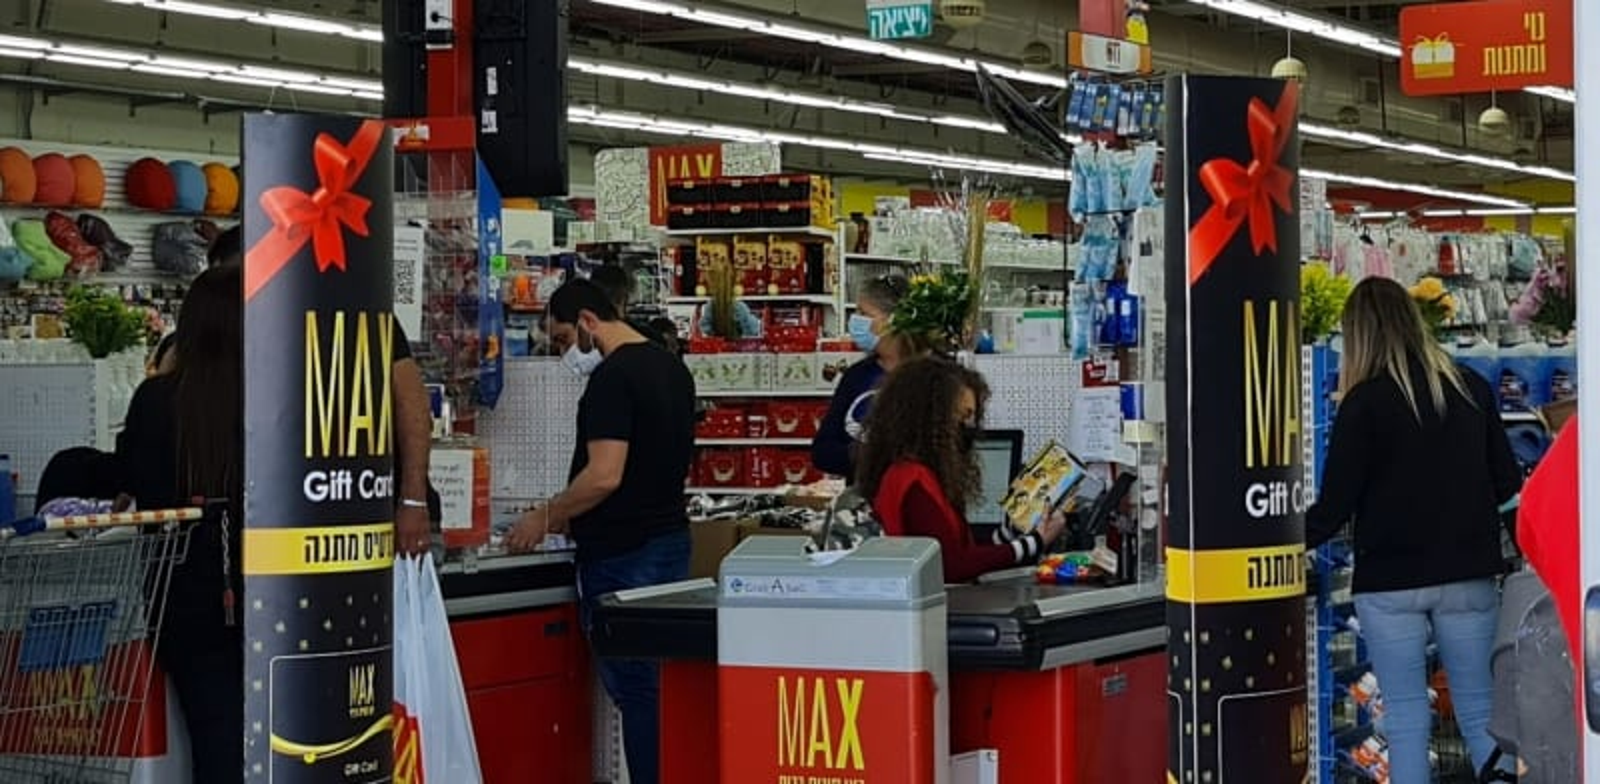 חנות מקס סטוק פתוחה בפתח תקווה ביום שלישי השבוע / צילום: בר - אל